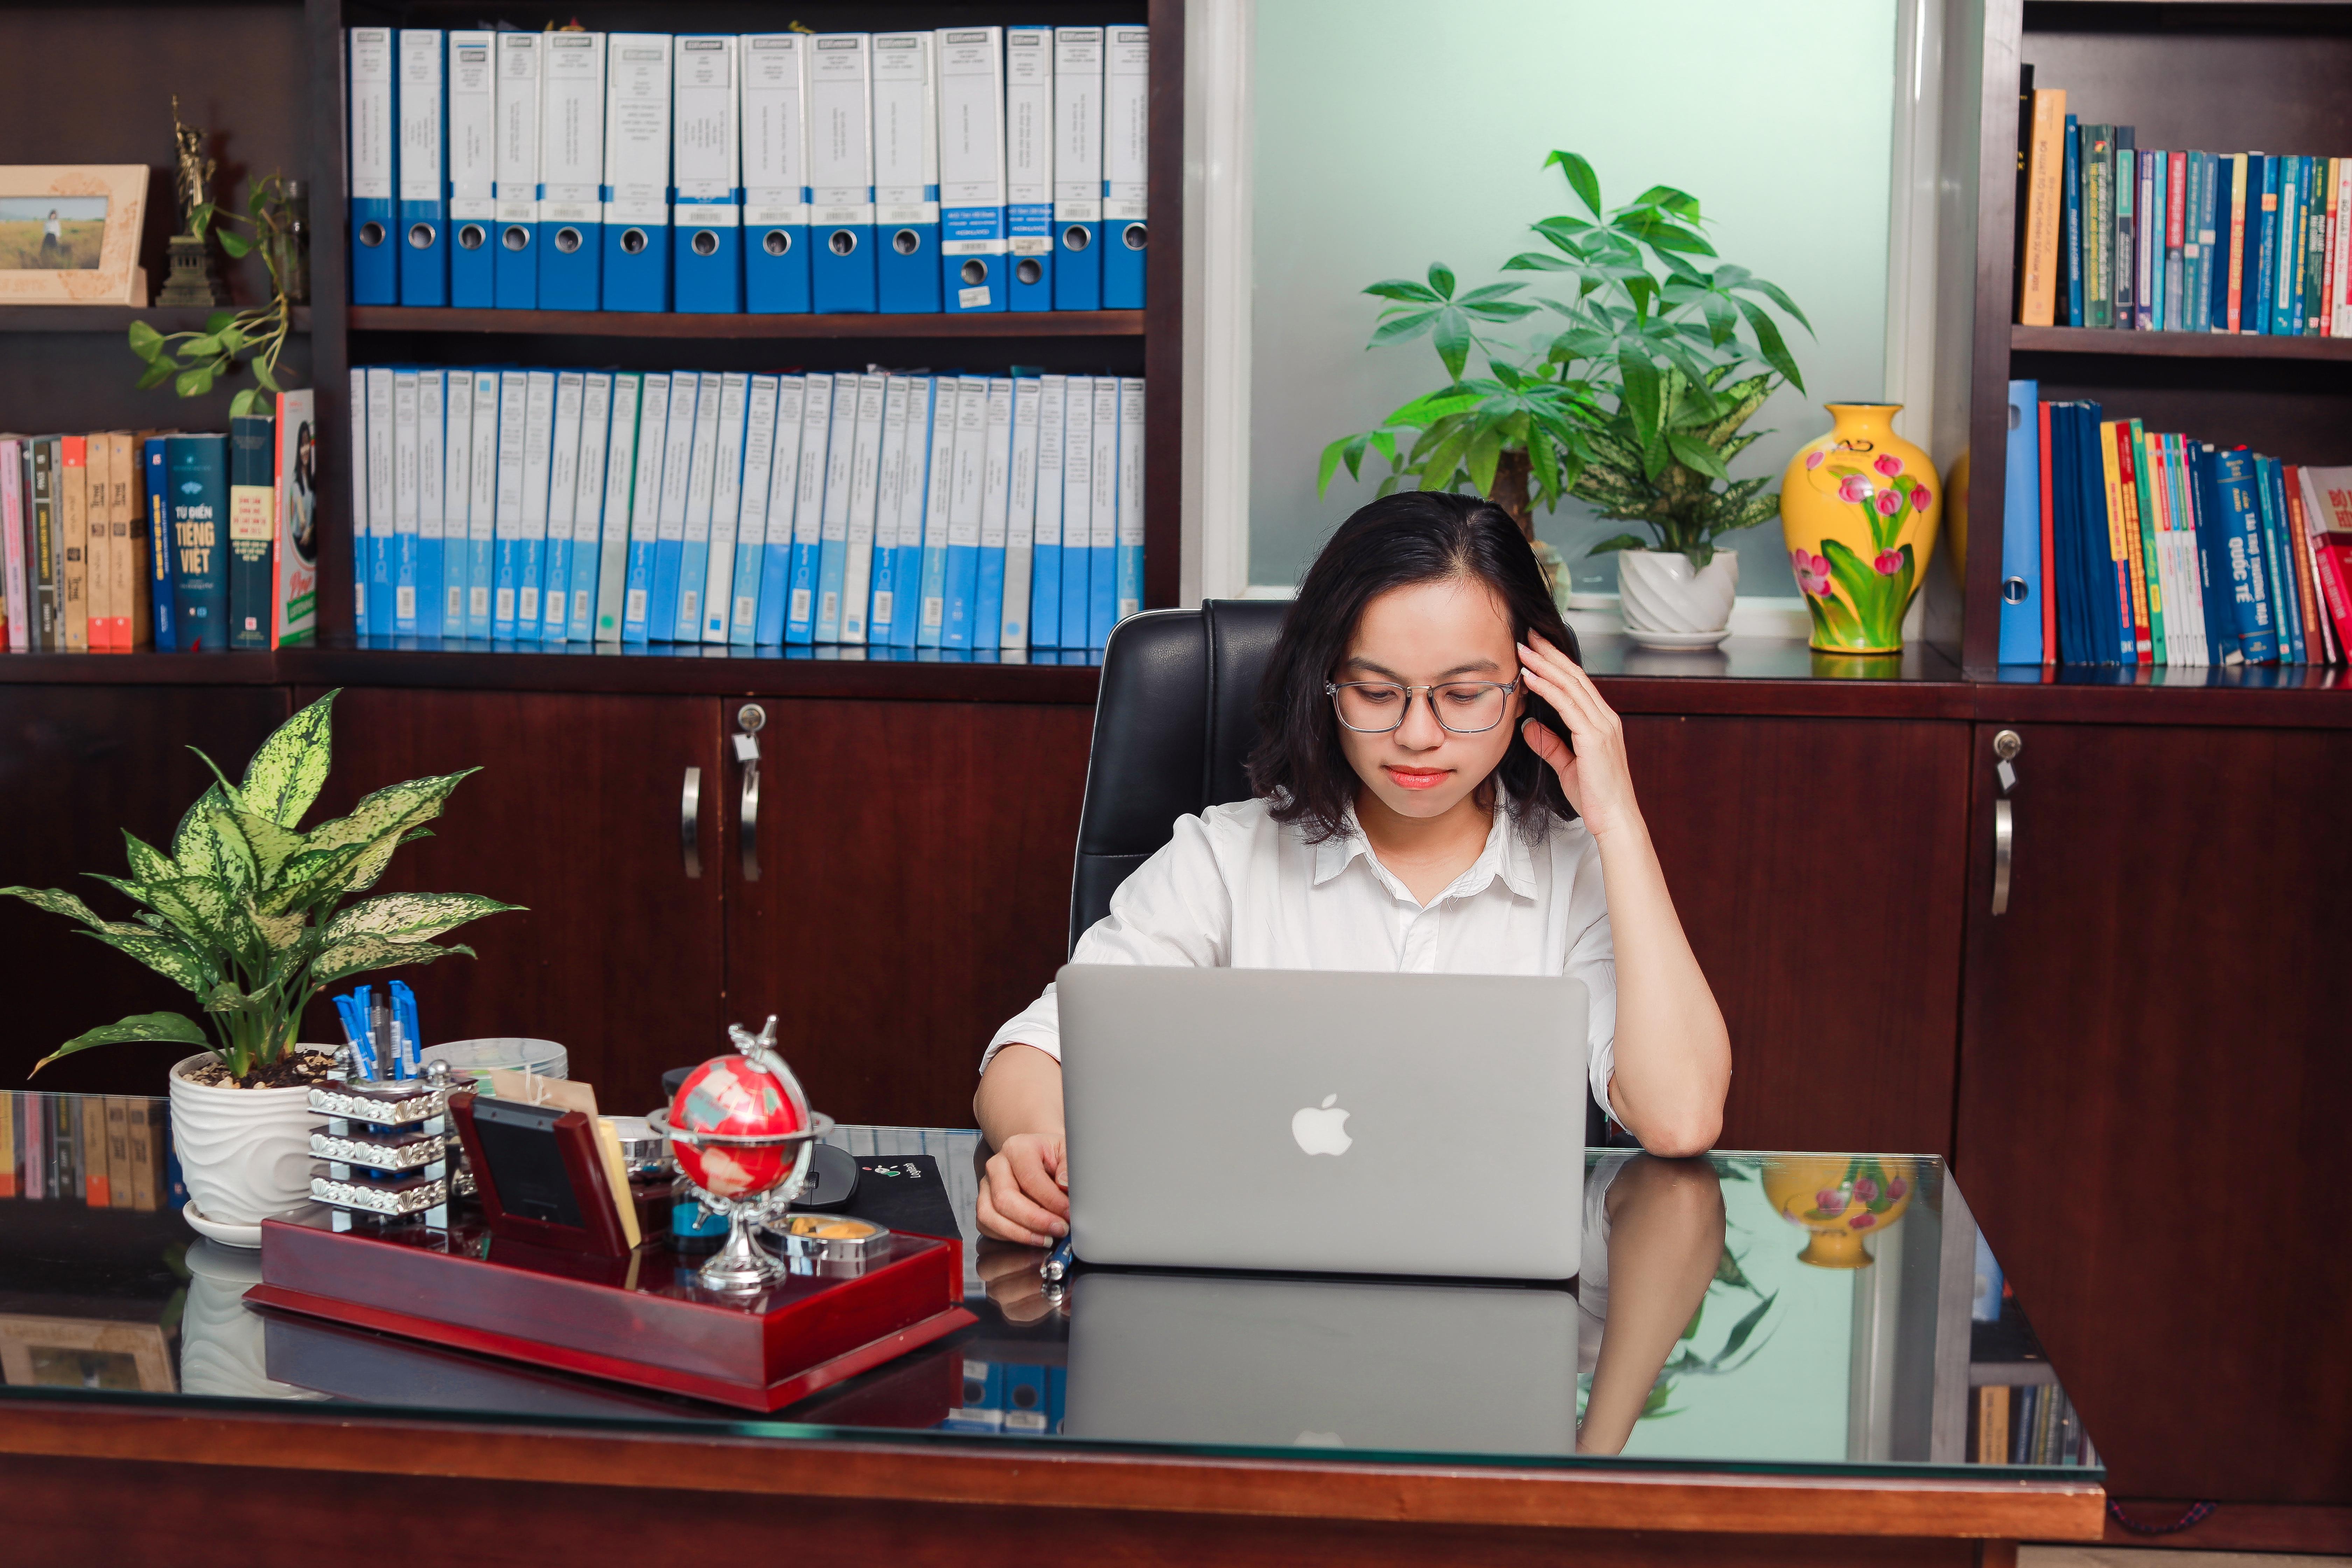 Bài viết được thực hiện bởi: Chuyên viên Huỳnh Thu Hương – Công ty Luật TNHH Everest – Tổng đài tư vấn (24/7): 1900 6198